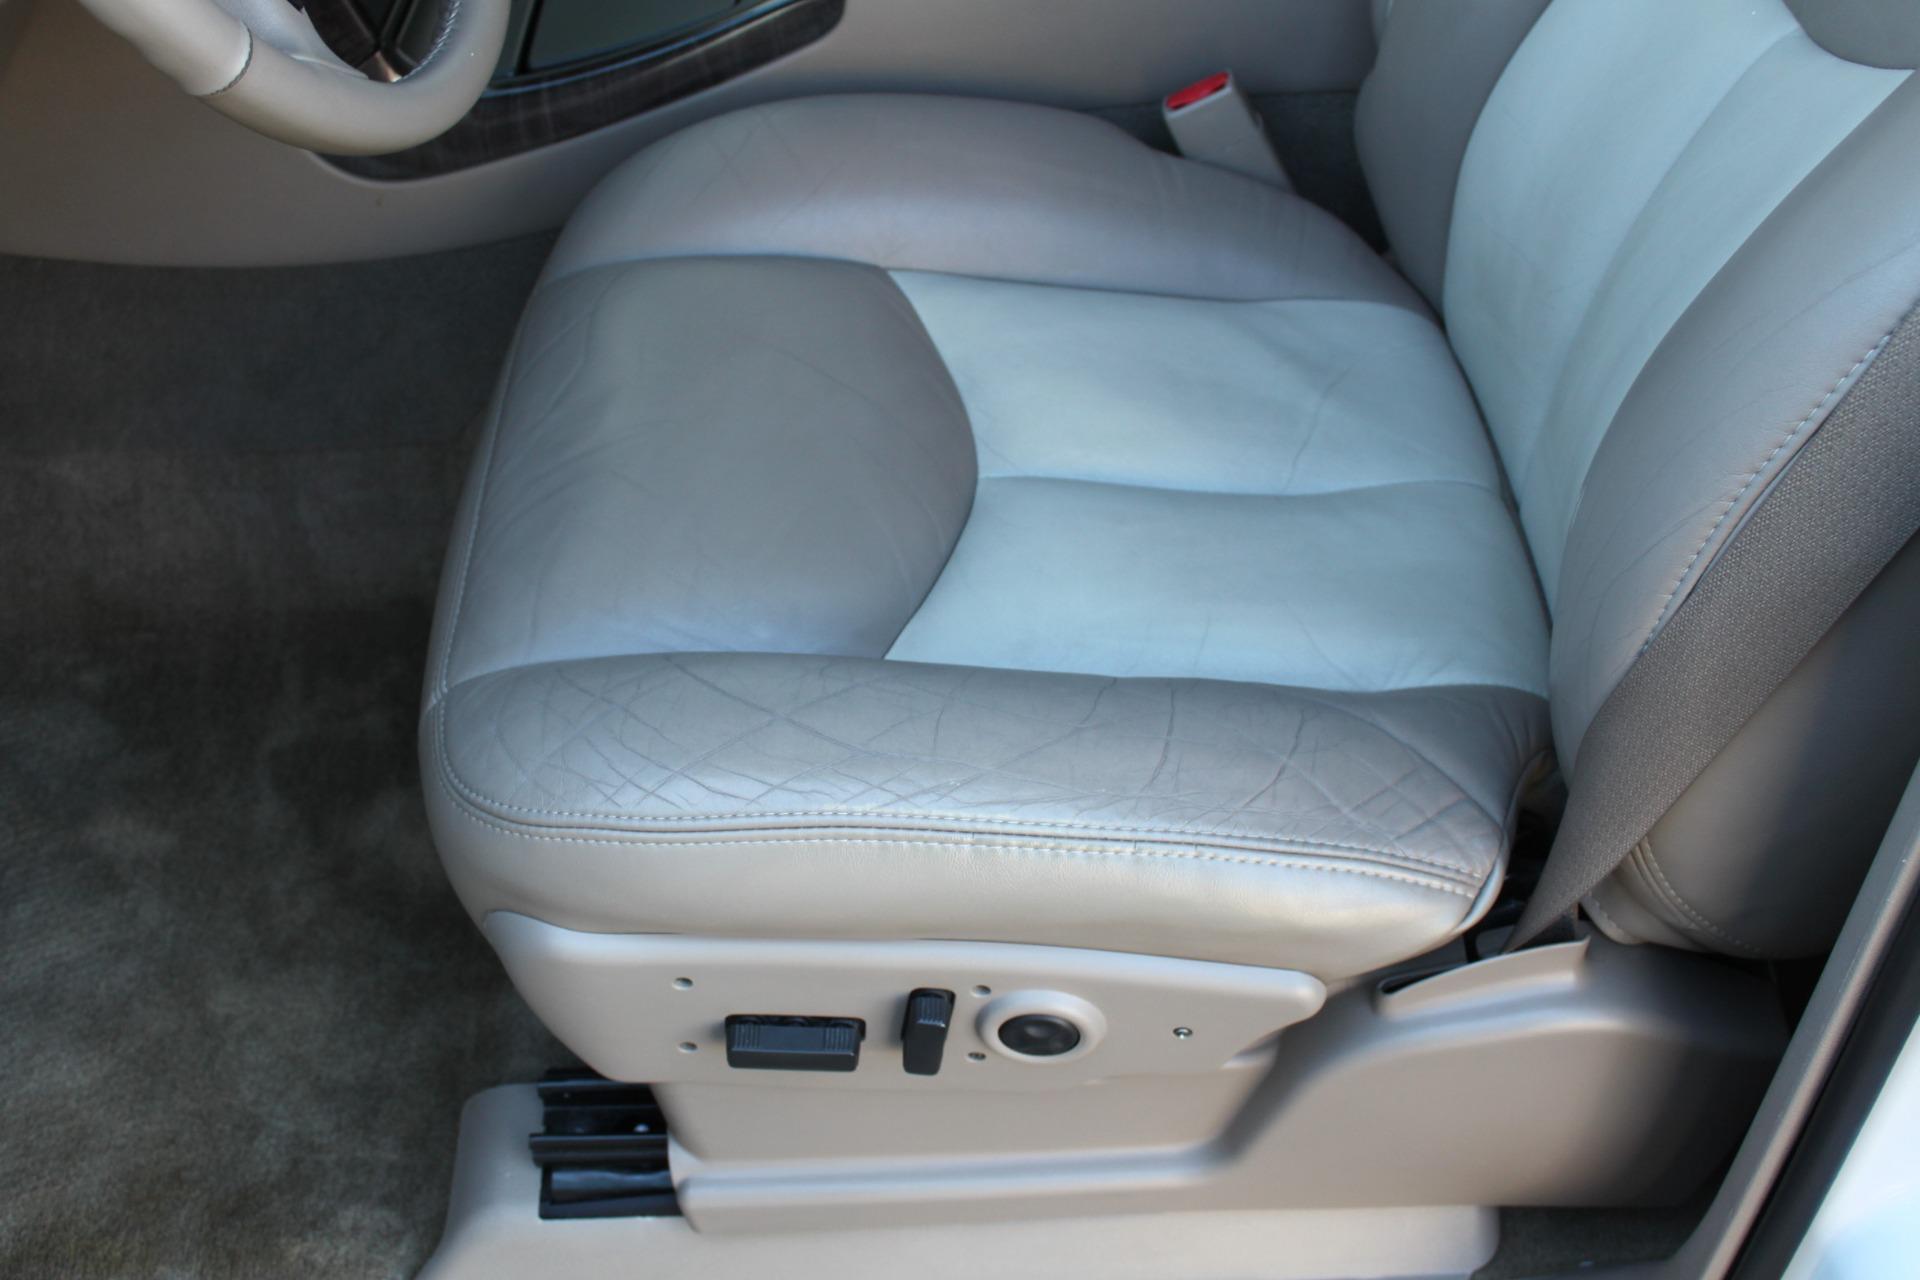 Used-2006-GMC-Yukon-Denali-AWD-Lamborghini